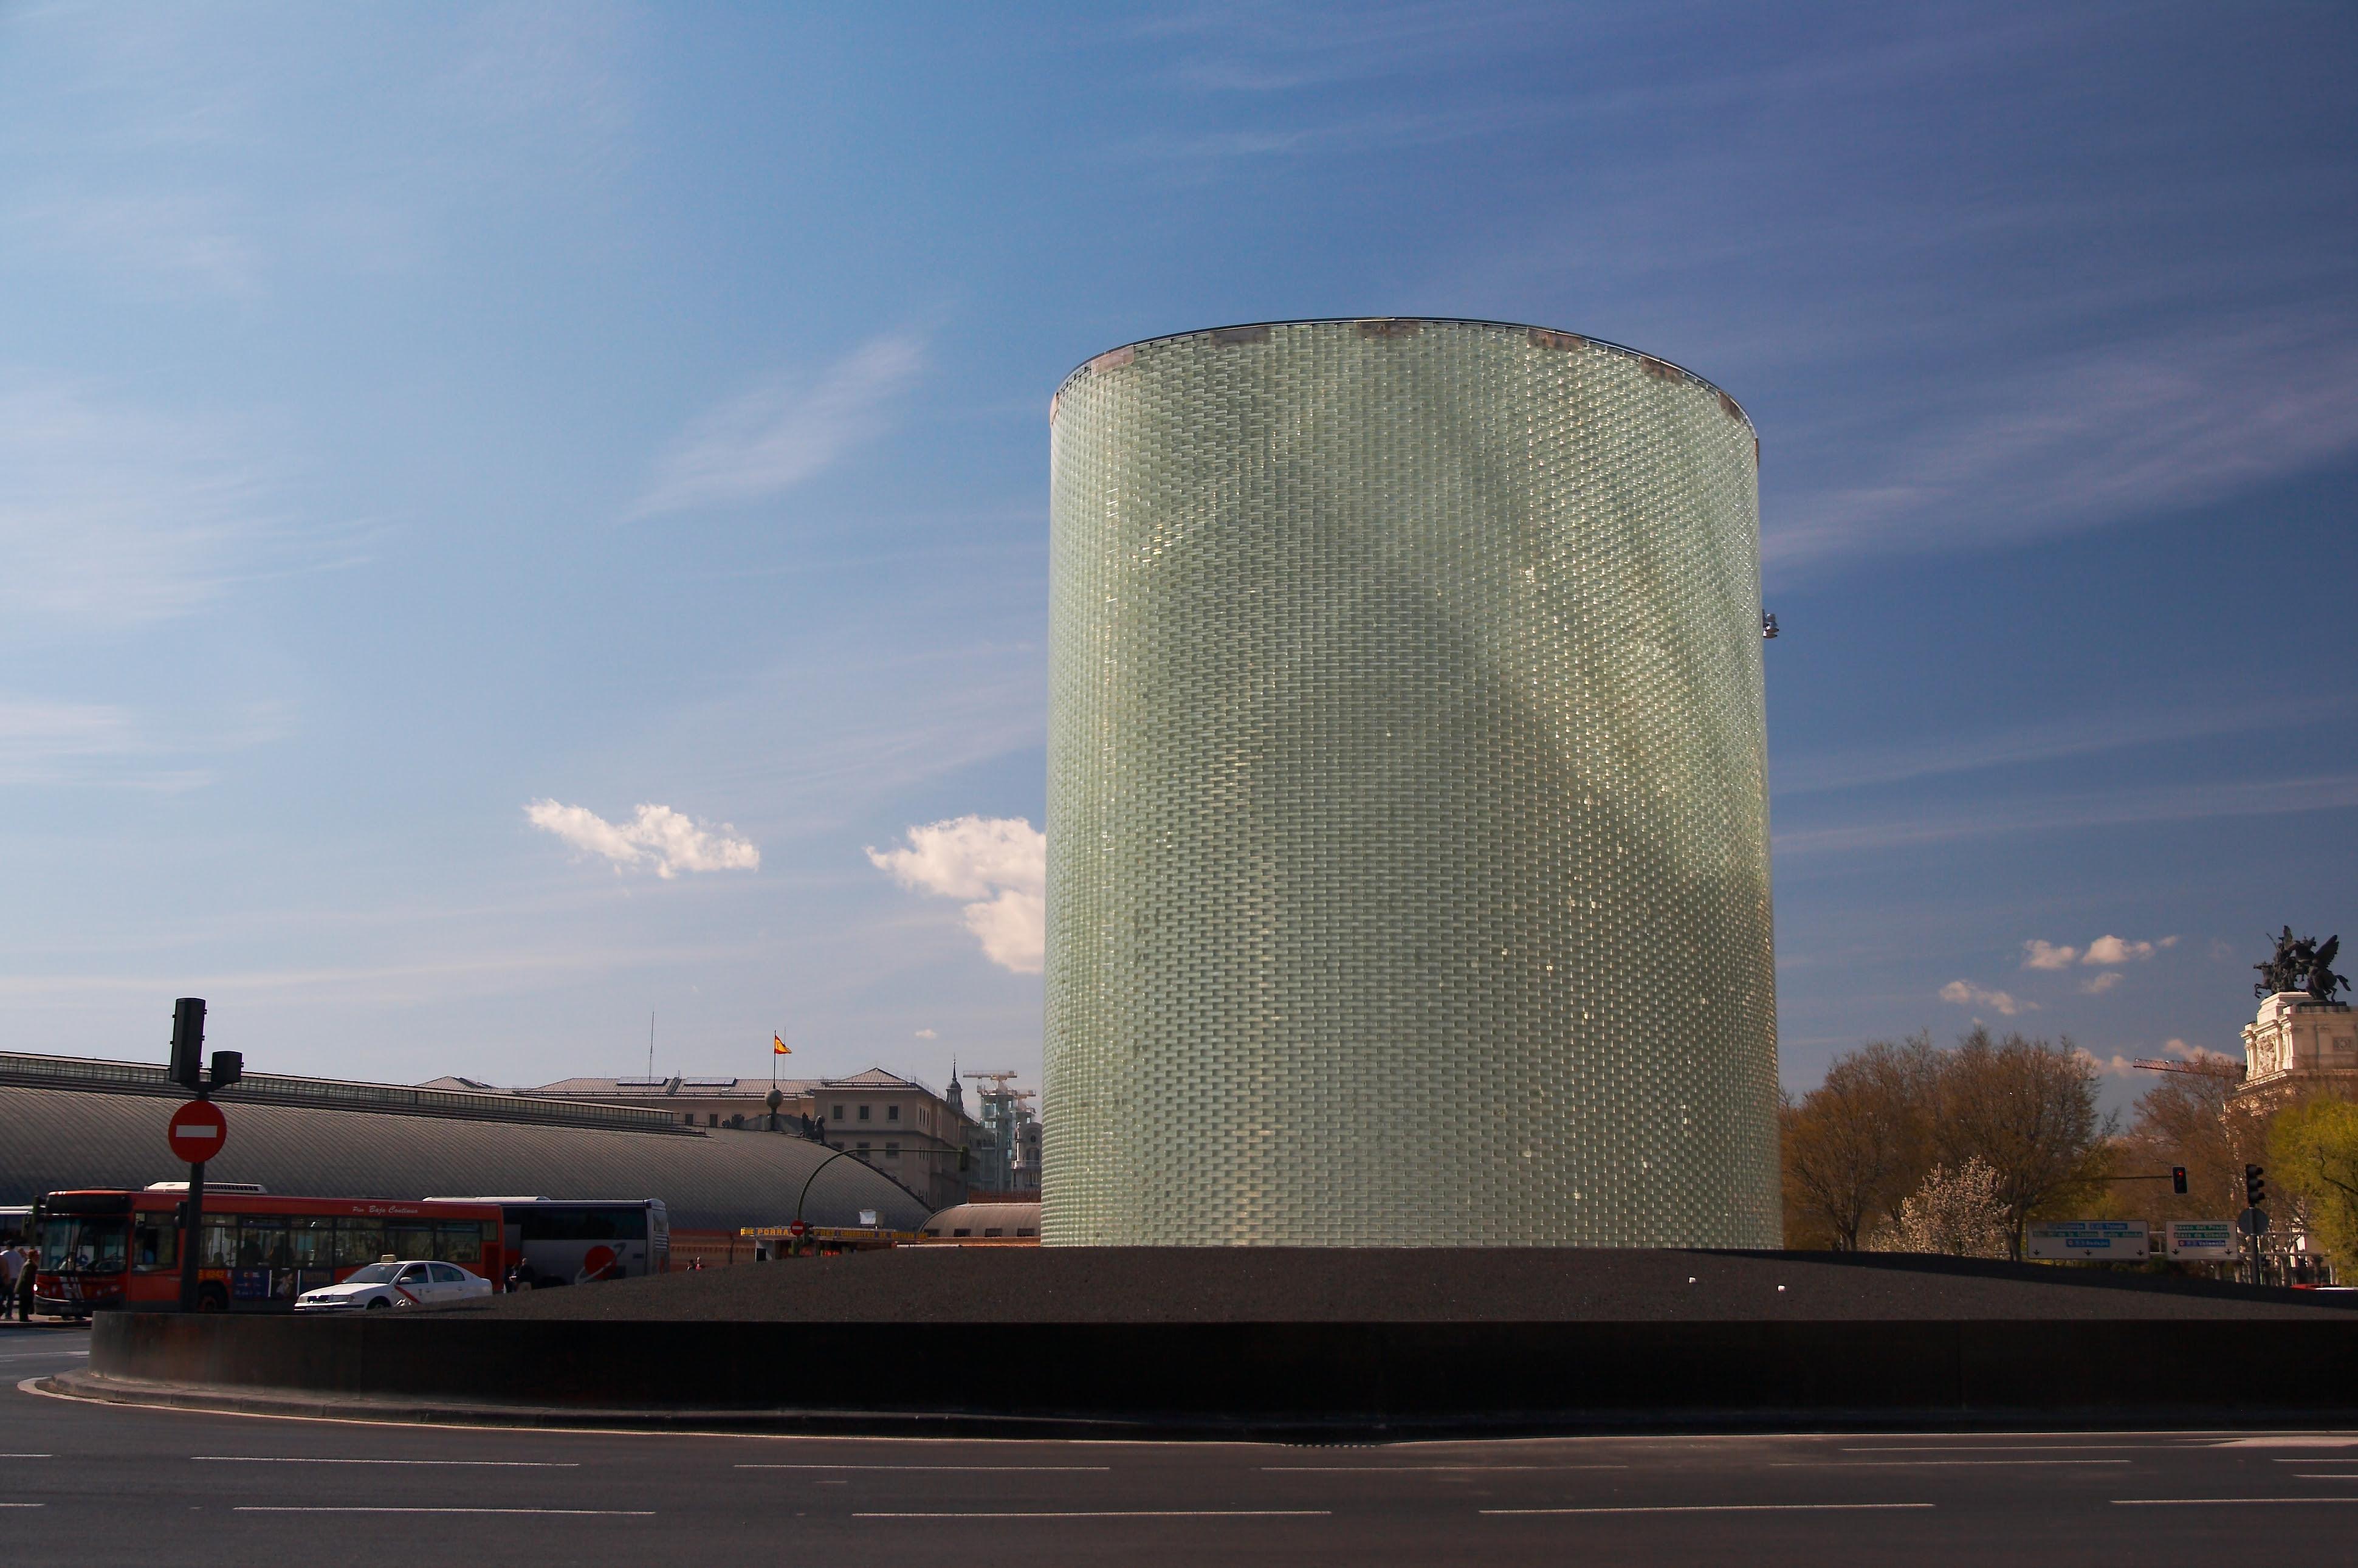 Monumento a las víctimas de los atentados del 11-M, ubicado en frente a la estación de Atocha, en Madrid